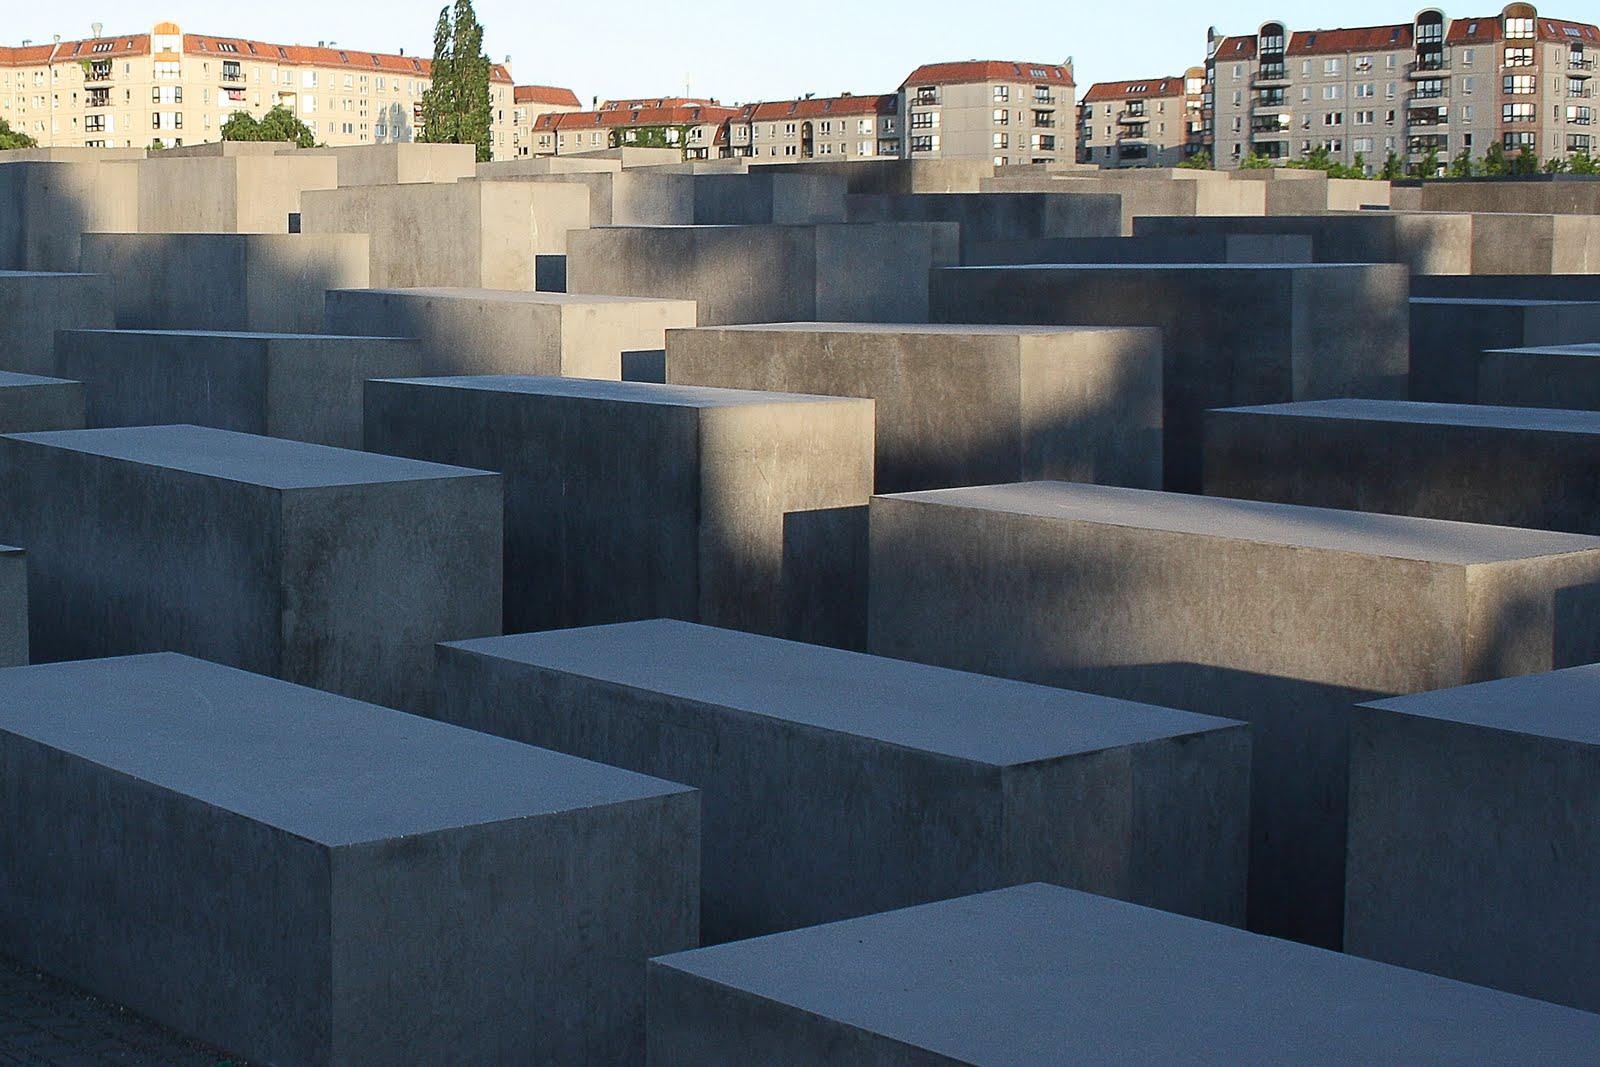 Berlin, posiblemente la nueva capital de Europa